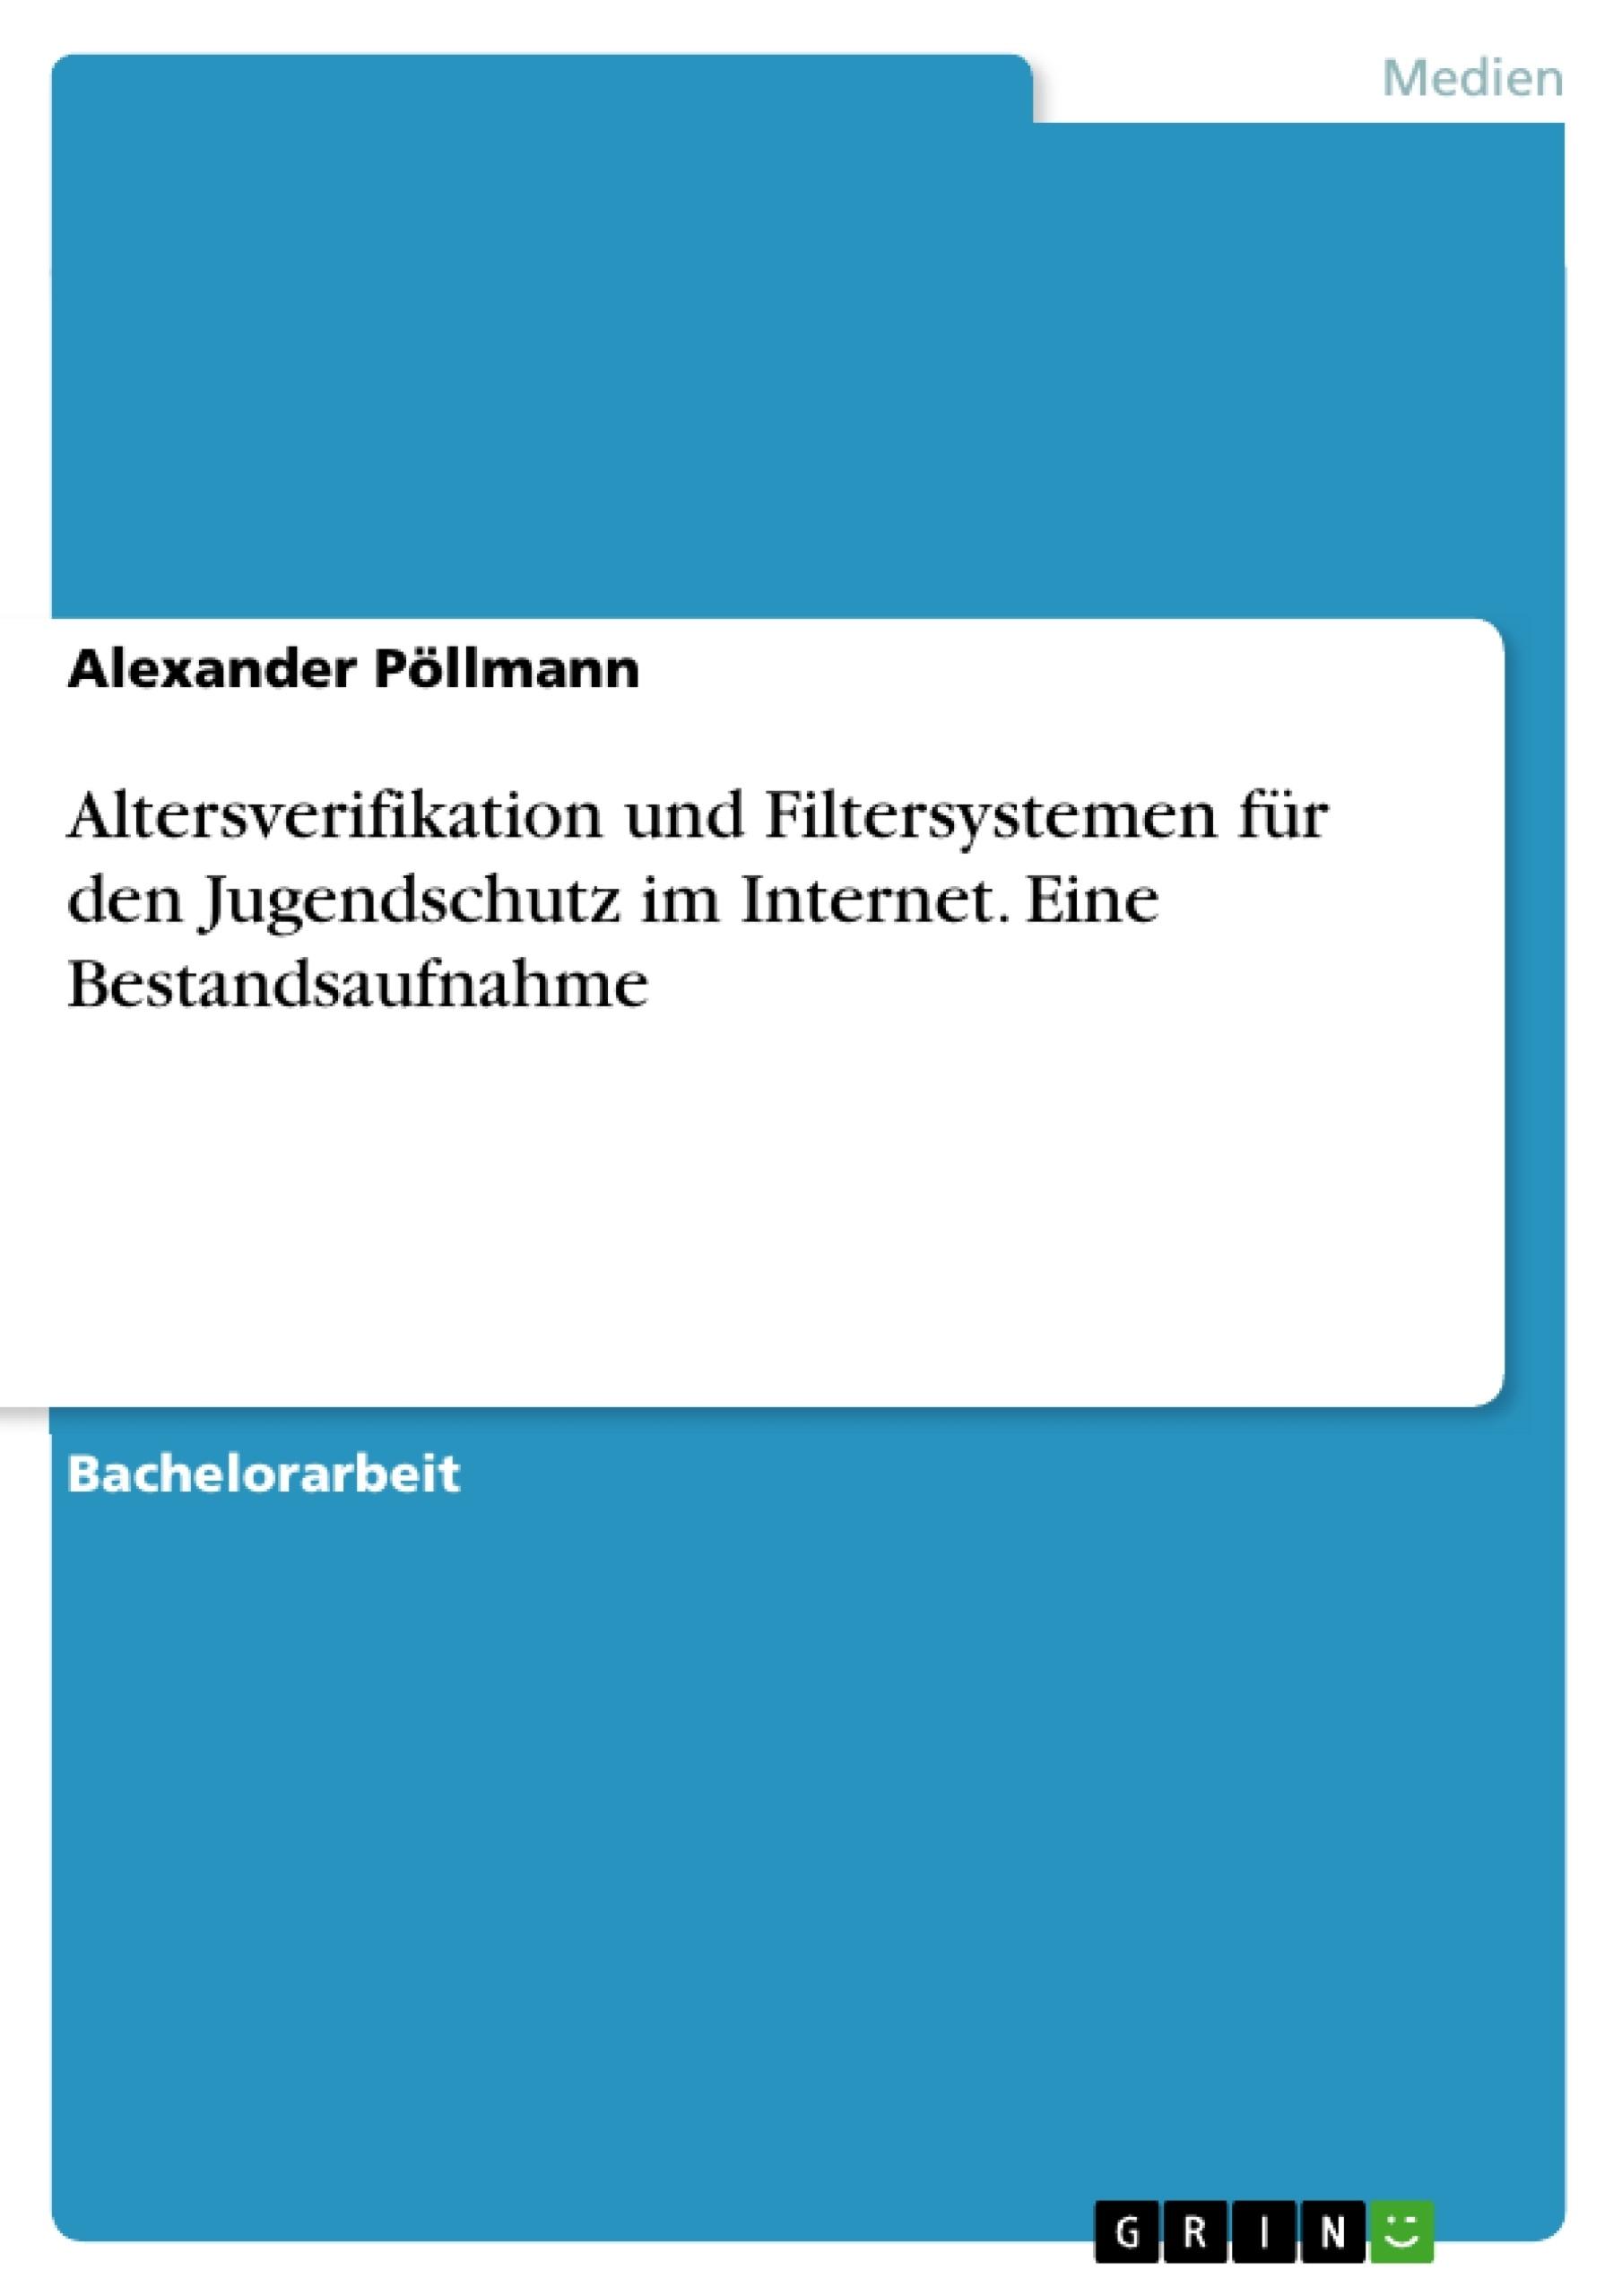 Titel: Altersverifikation und Filtersystemen für den Jugendschutz im Internet. Eine Bestandsaufnahme